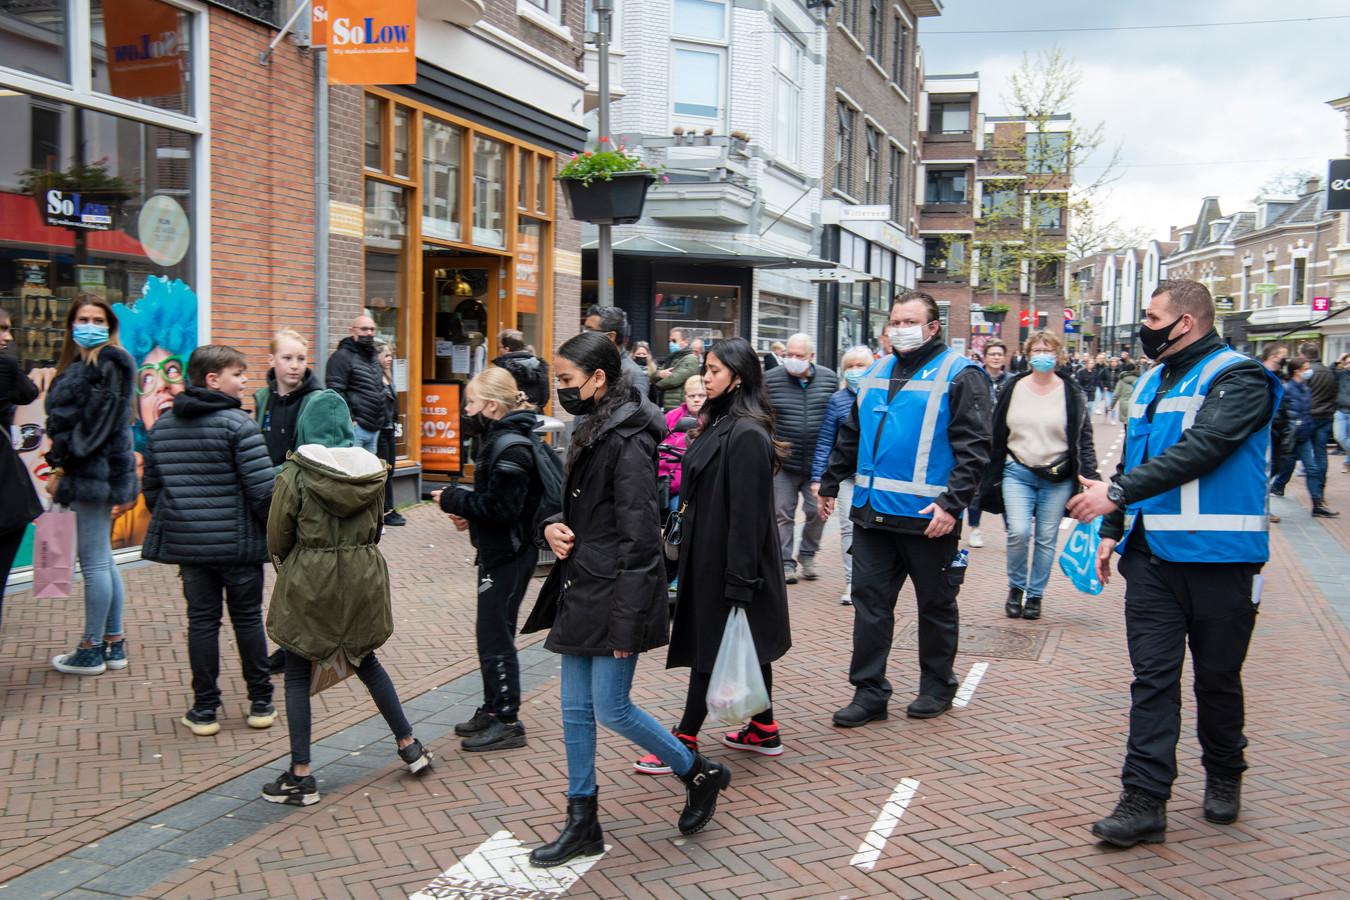 Onder meer tien druktestewards in blauwe hesjes zorgden er zaterdagmiddag in de binnenstad van Apeldoorn voor dat het publiek niet opnieuw naar huis gestuurd moest worden vanwege te grote drukte.